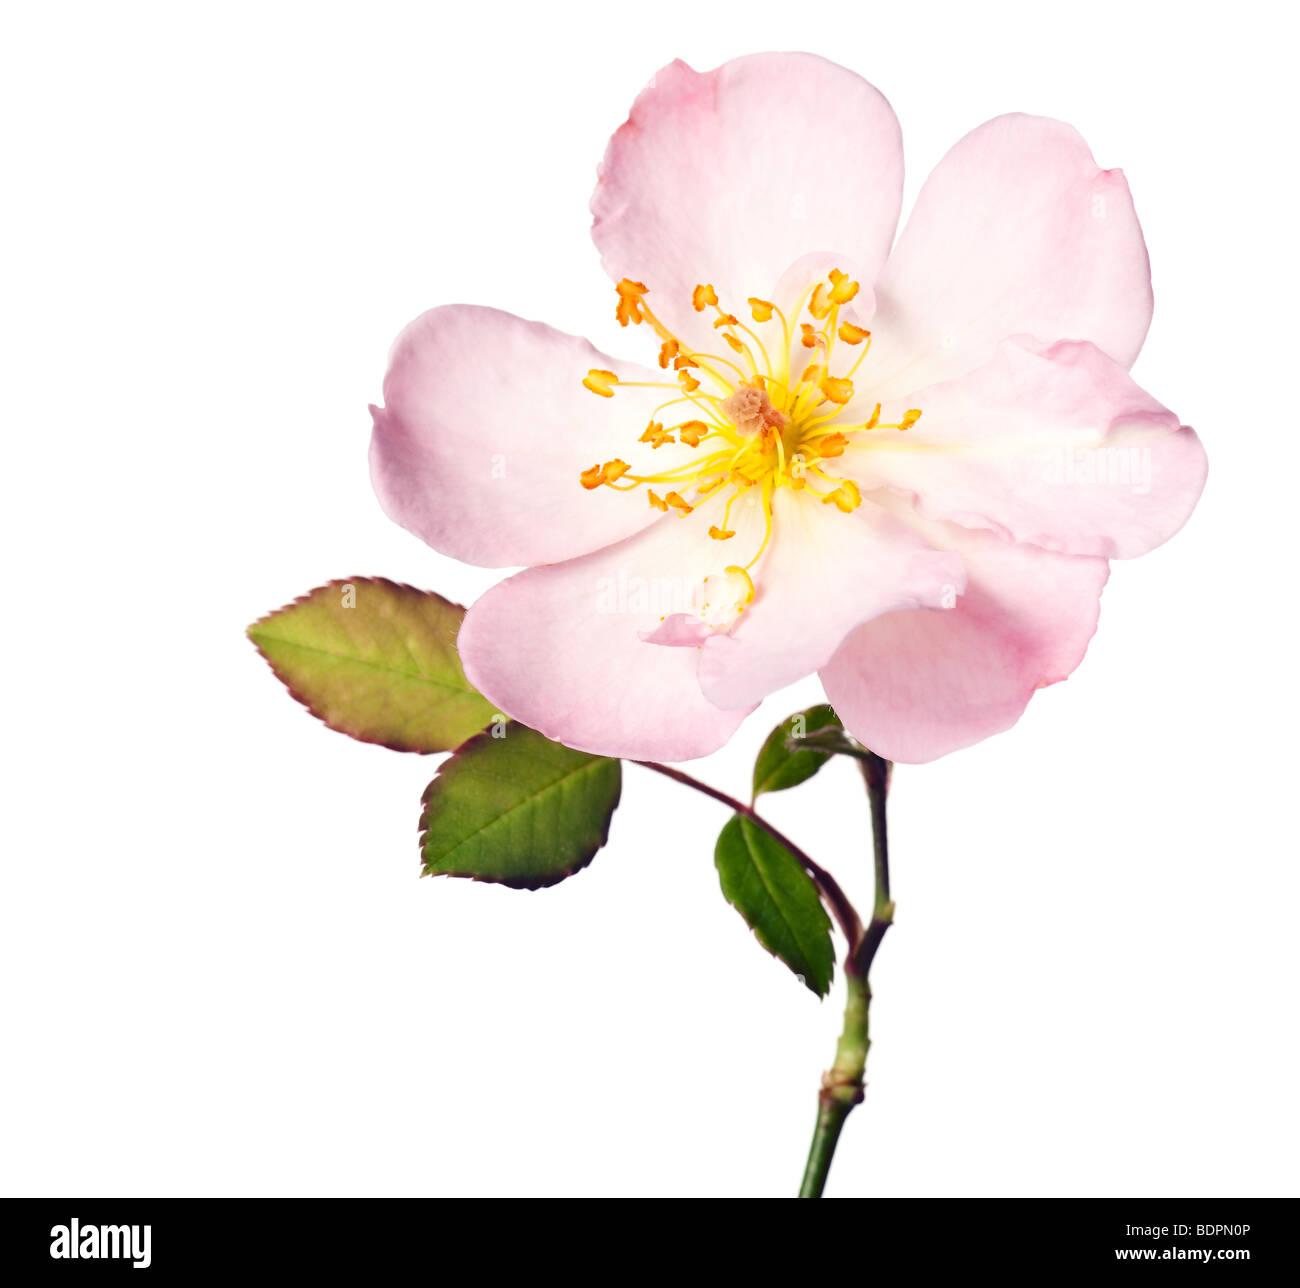 Rosa rosa giardino isolato su un puro sfondo bianco Immagini Stock